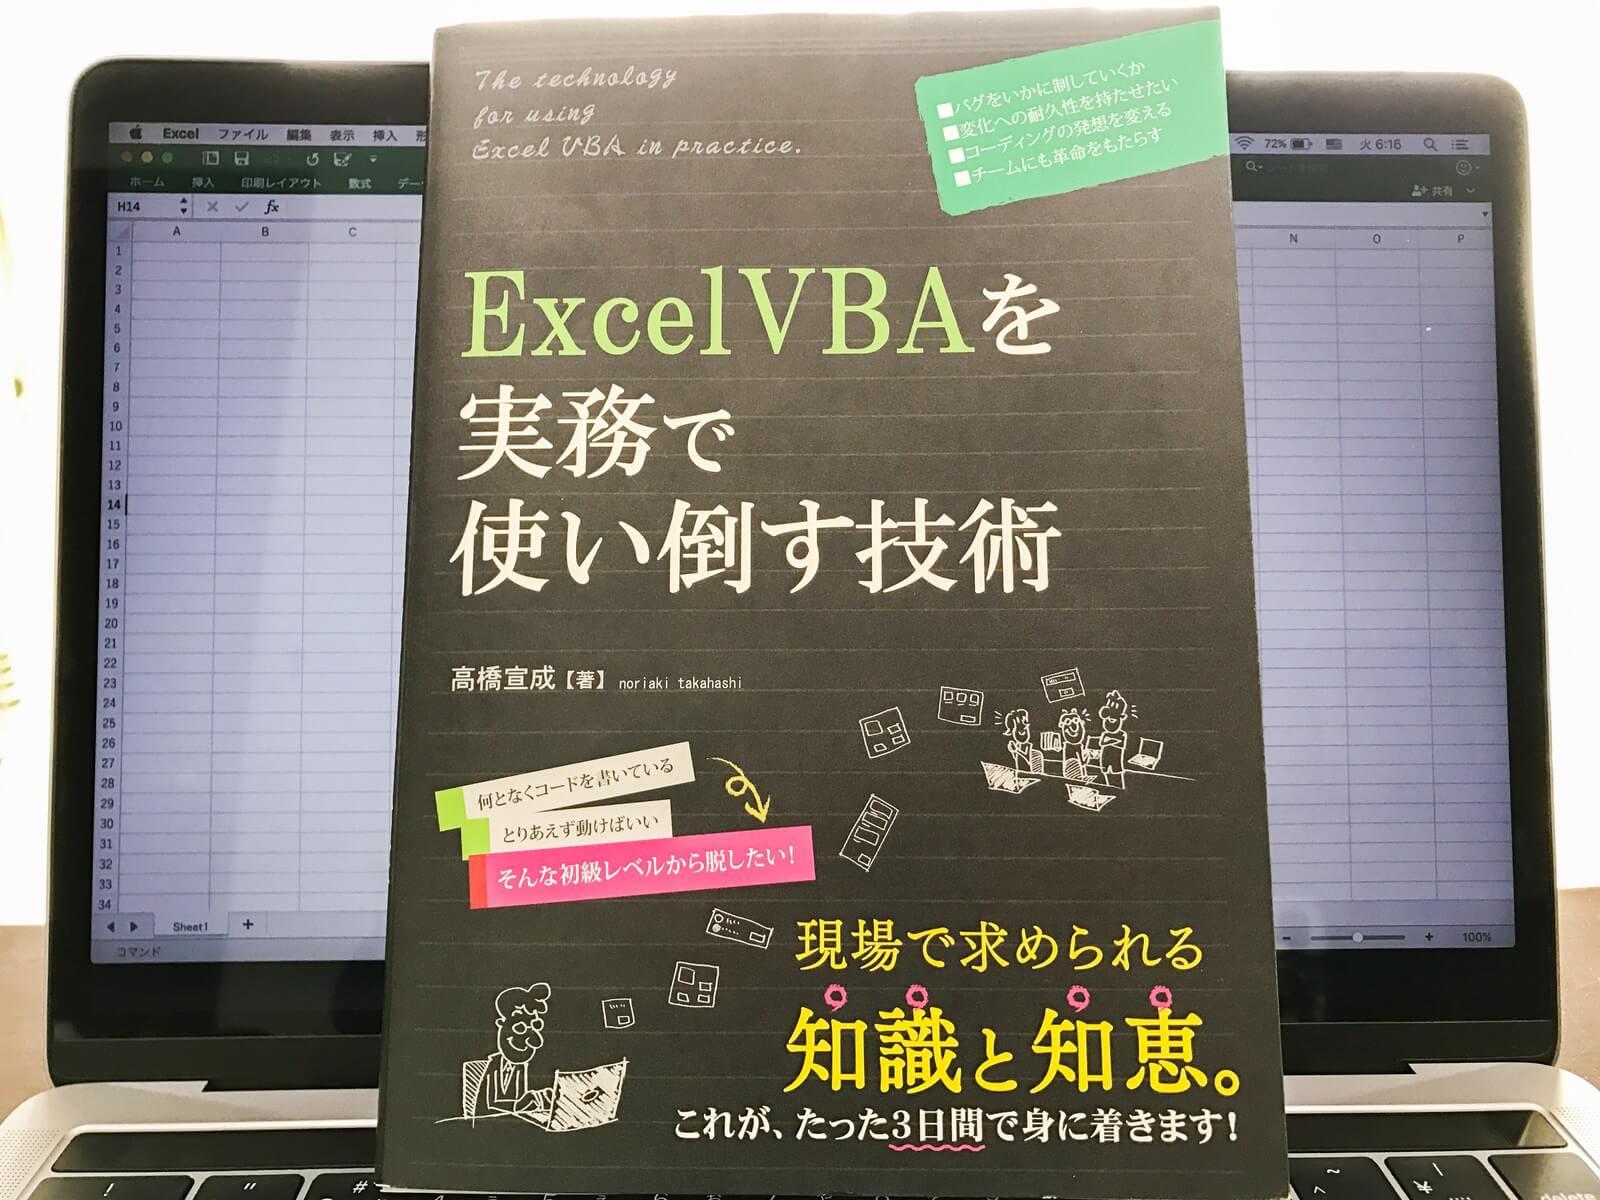 脱「入門」レベル!「ExcelVBAを実務で使い倒す技術」はVBA開発者として次のステップへ進むための良書